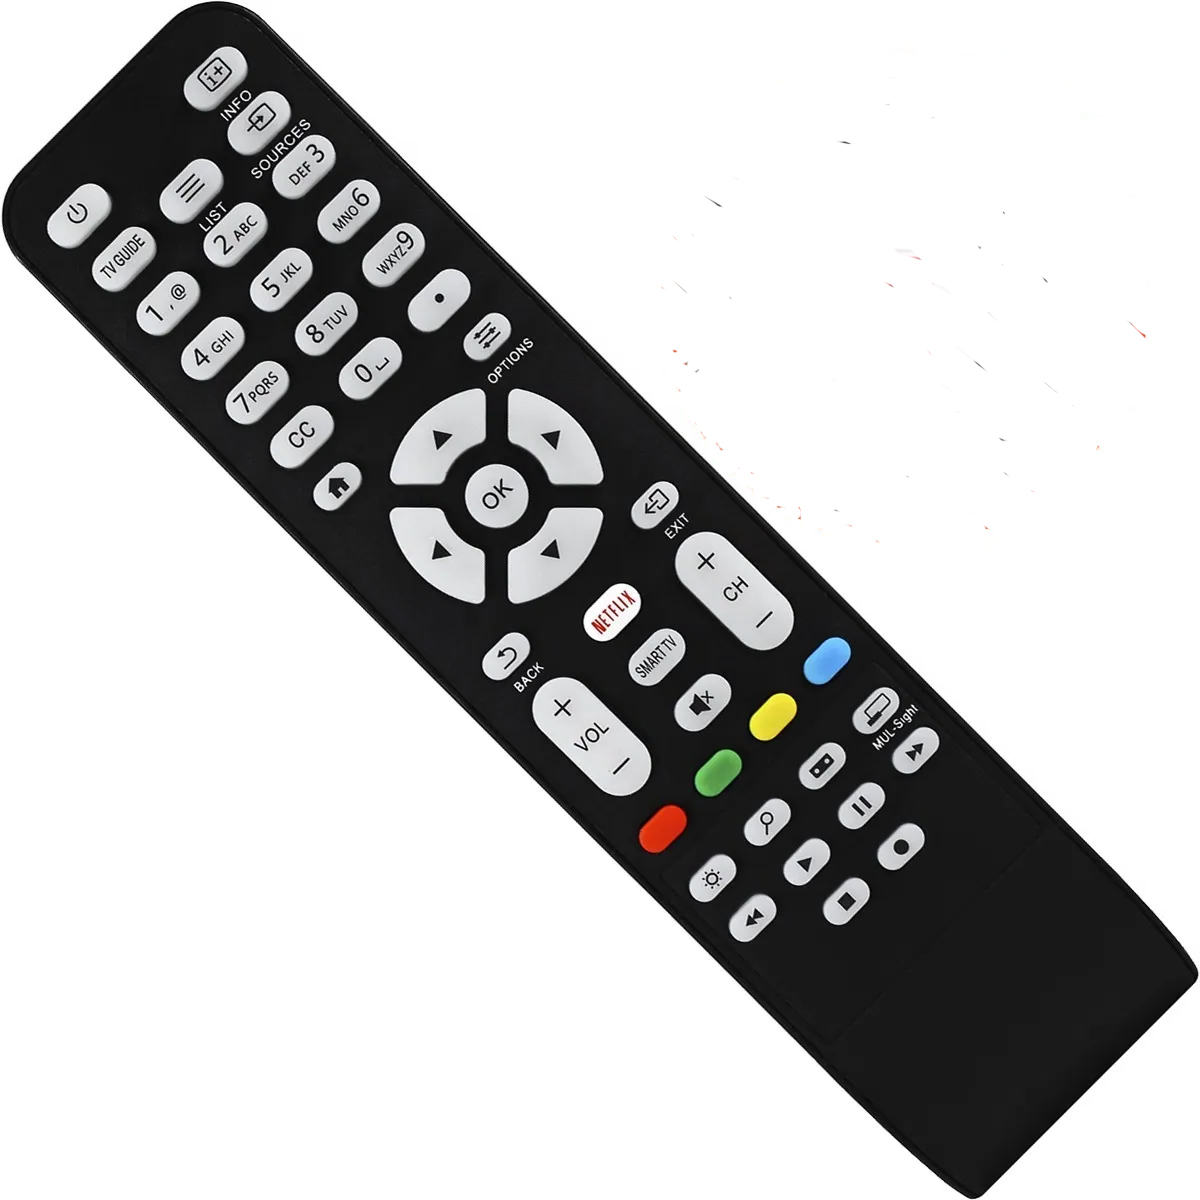 CONTROLE REMOTO TV AOC SMART COM BOTÃO NETFLIX VC8203 COMPATÍVEL